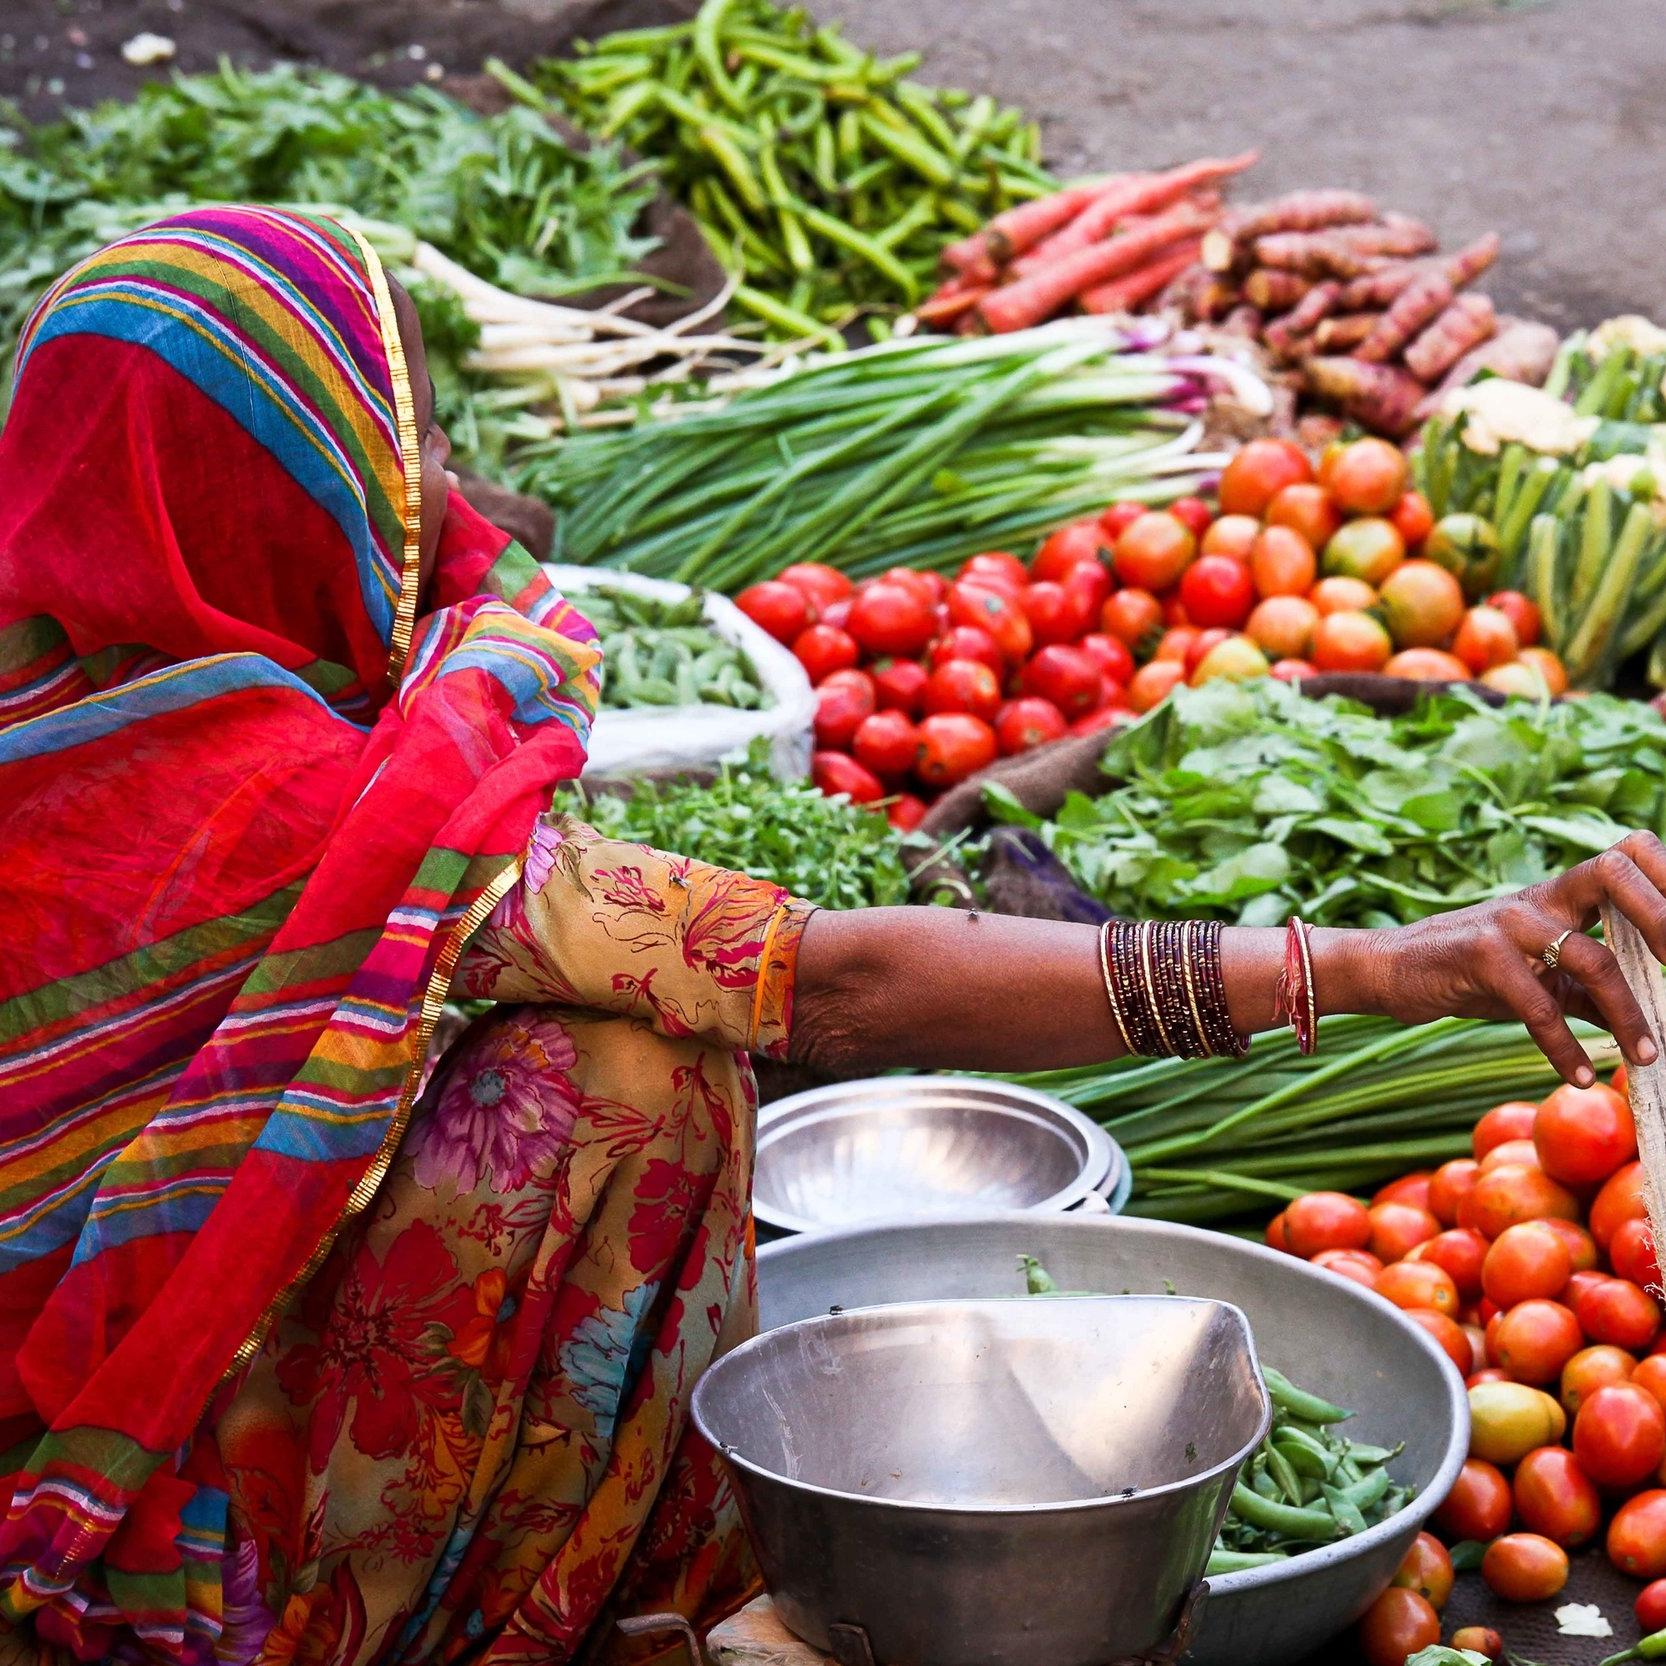 Market at Jaisalmer, India.jpg